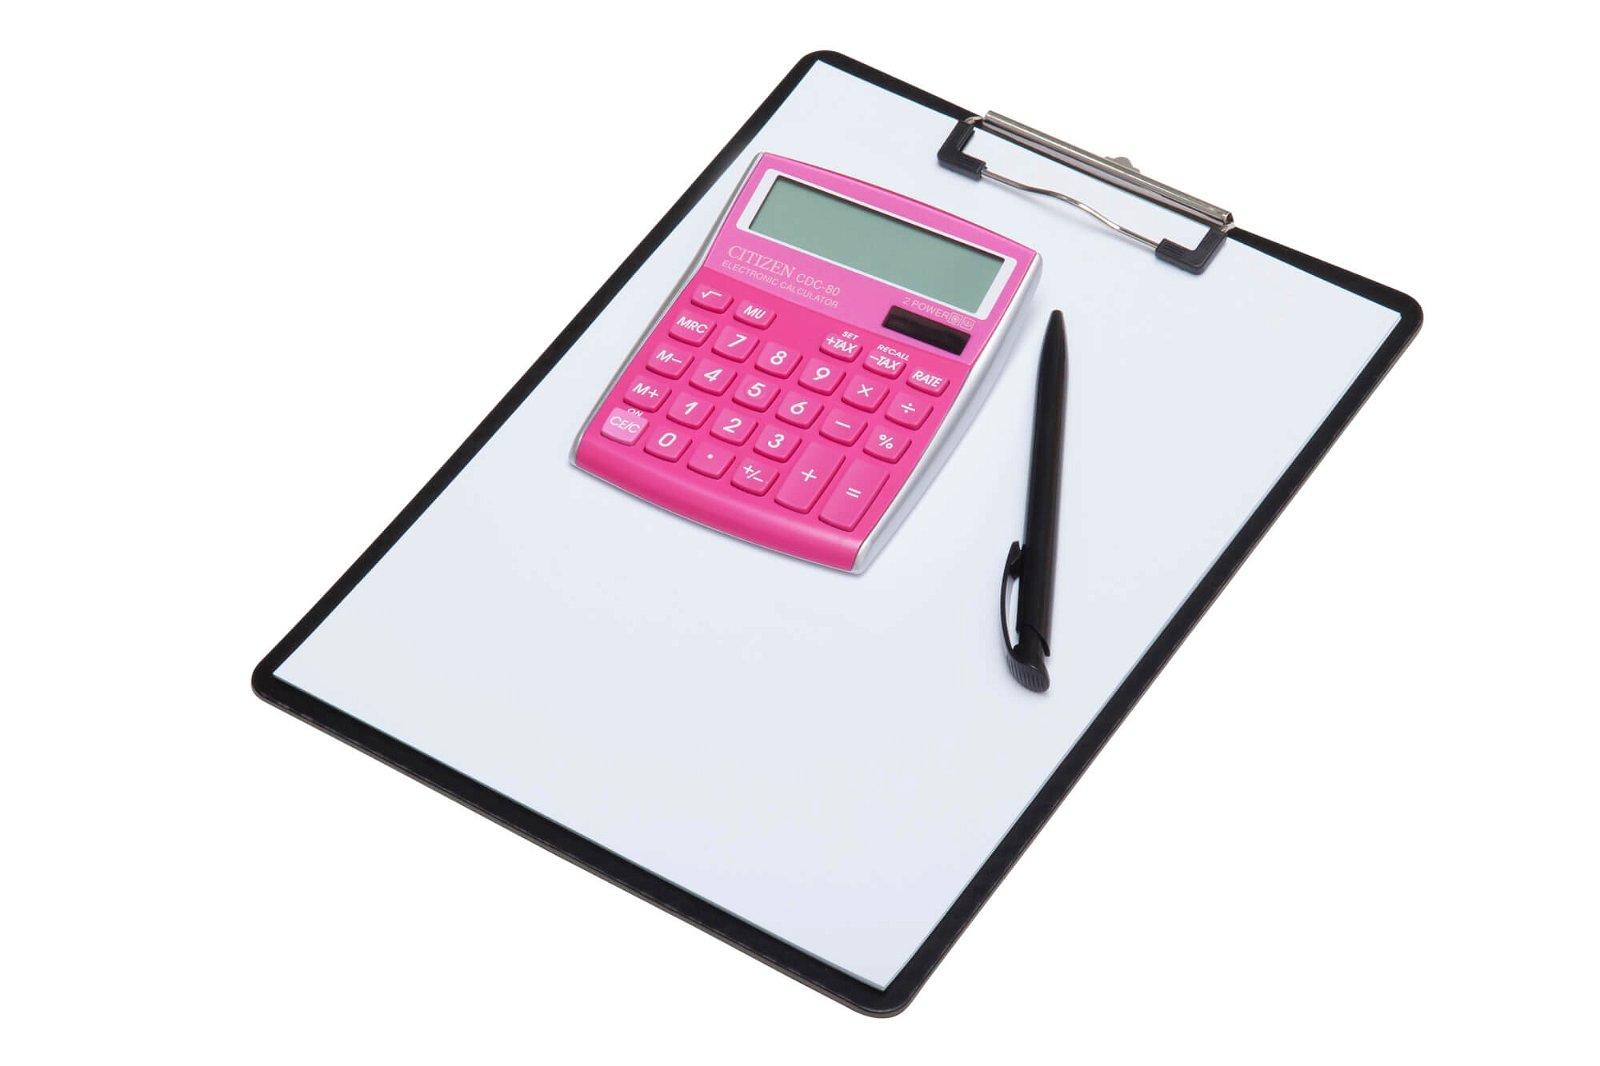 Tischrechner CDC 80PKWB, pink